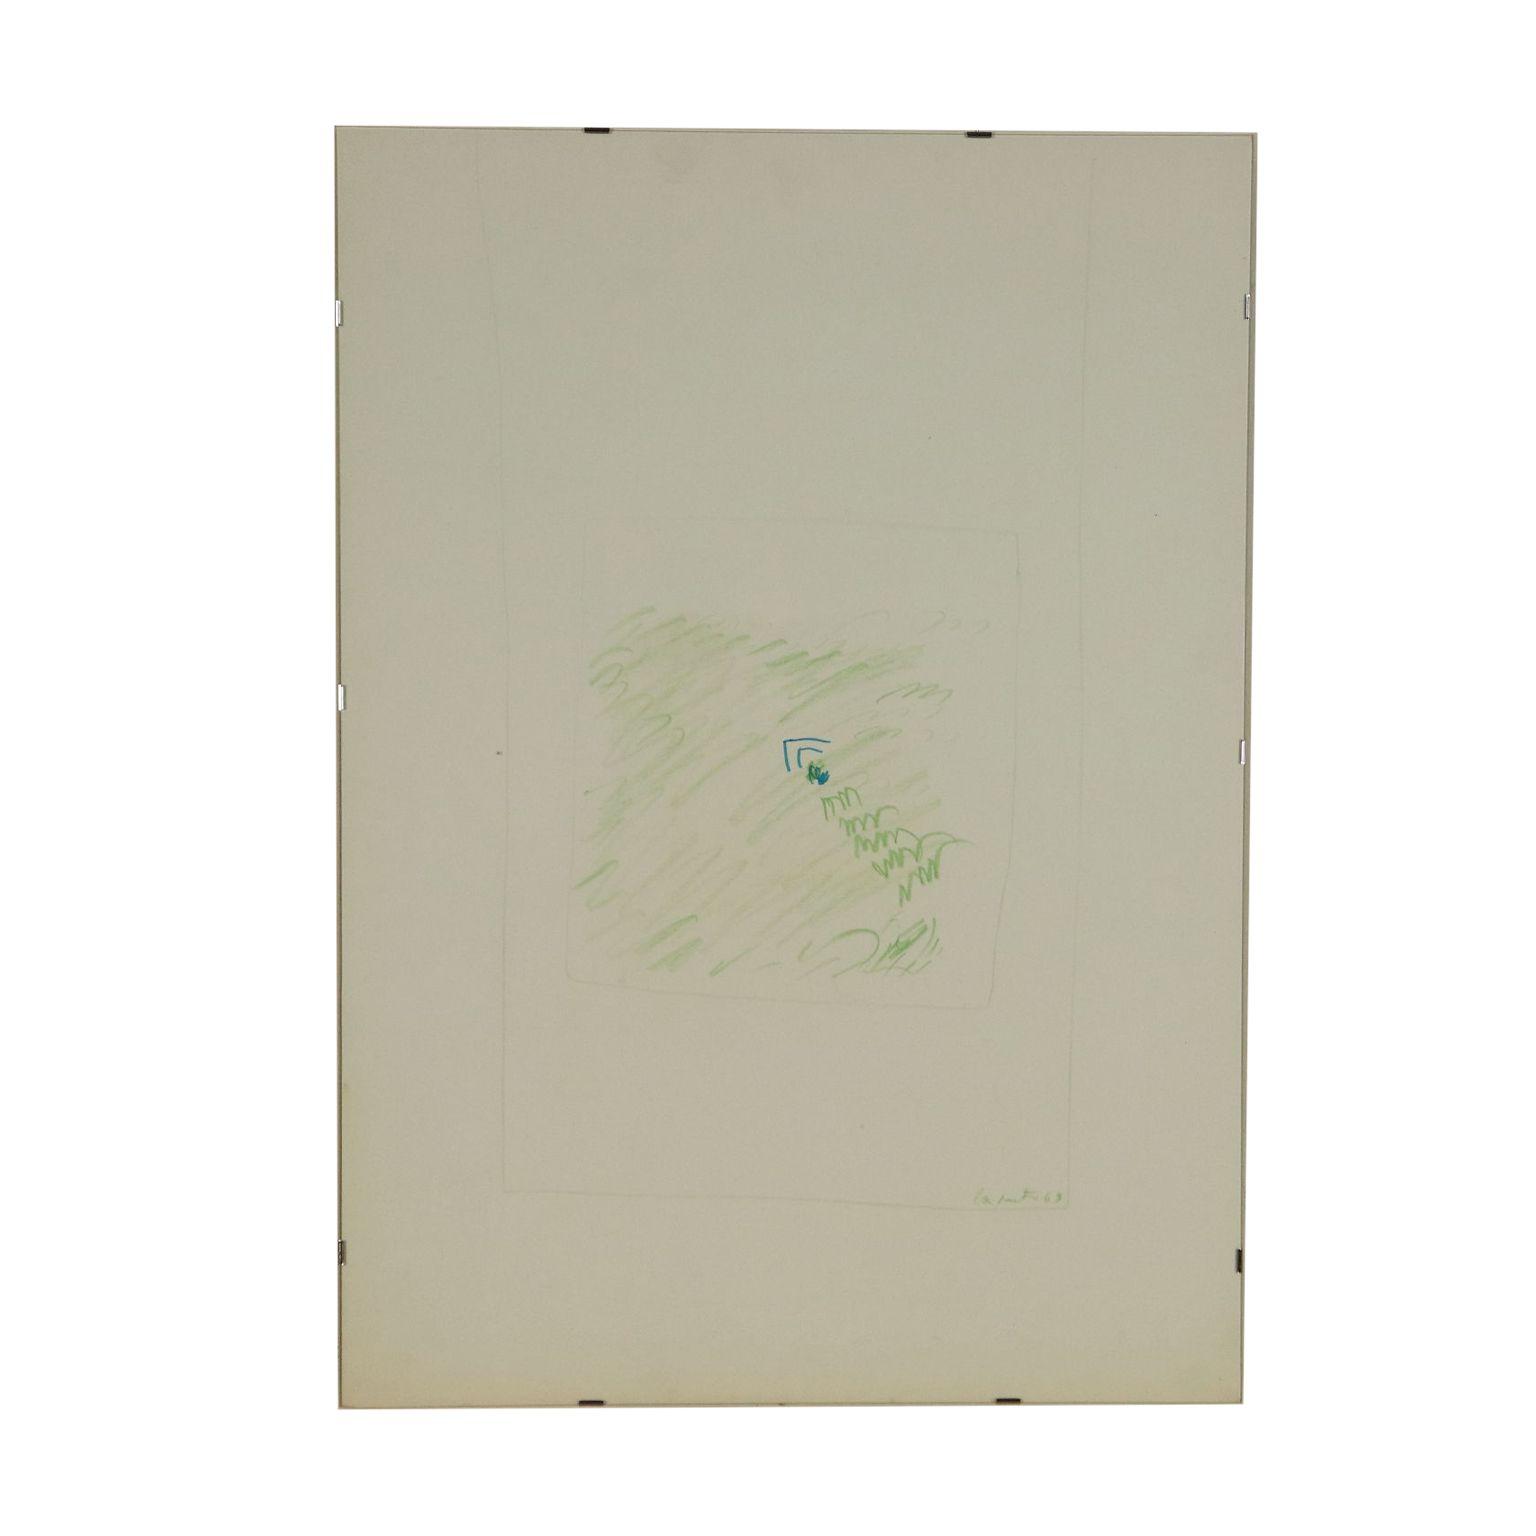 Dessin De Ugo La Pietra Technique Mixte Sur Papier 1963